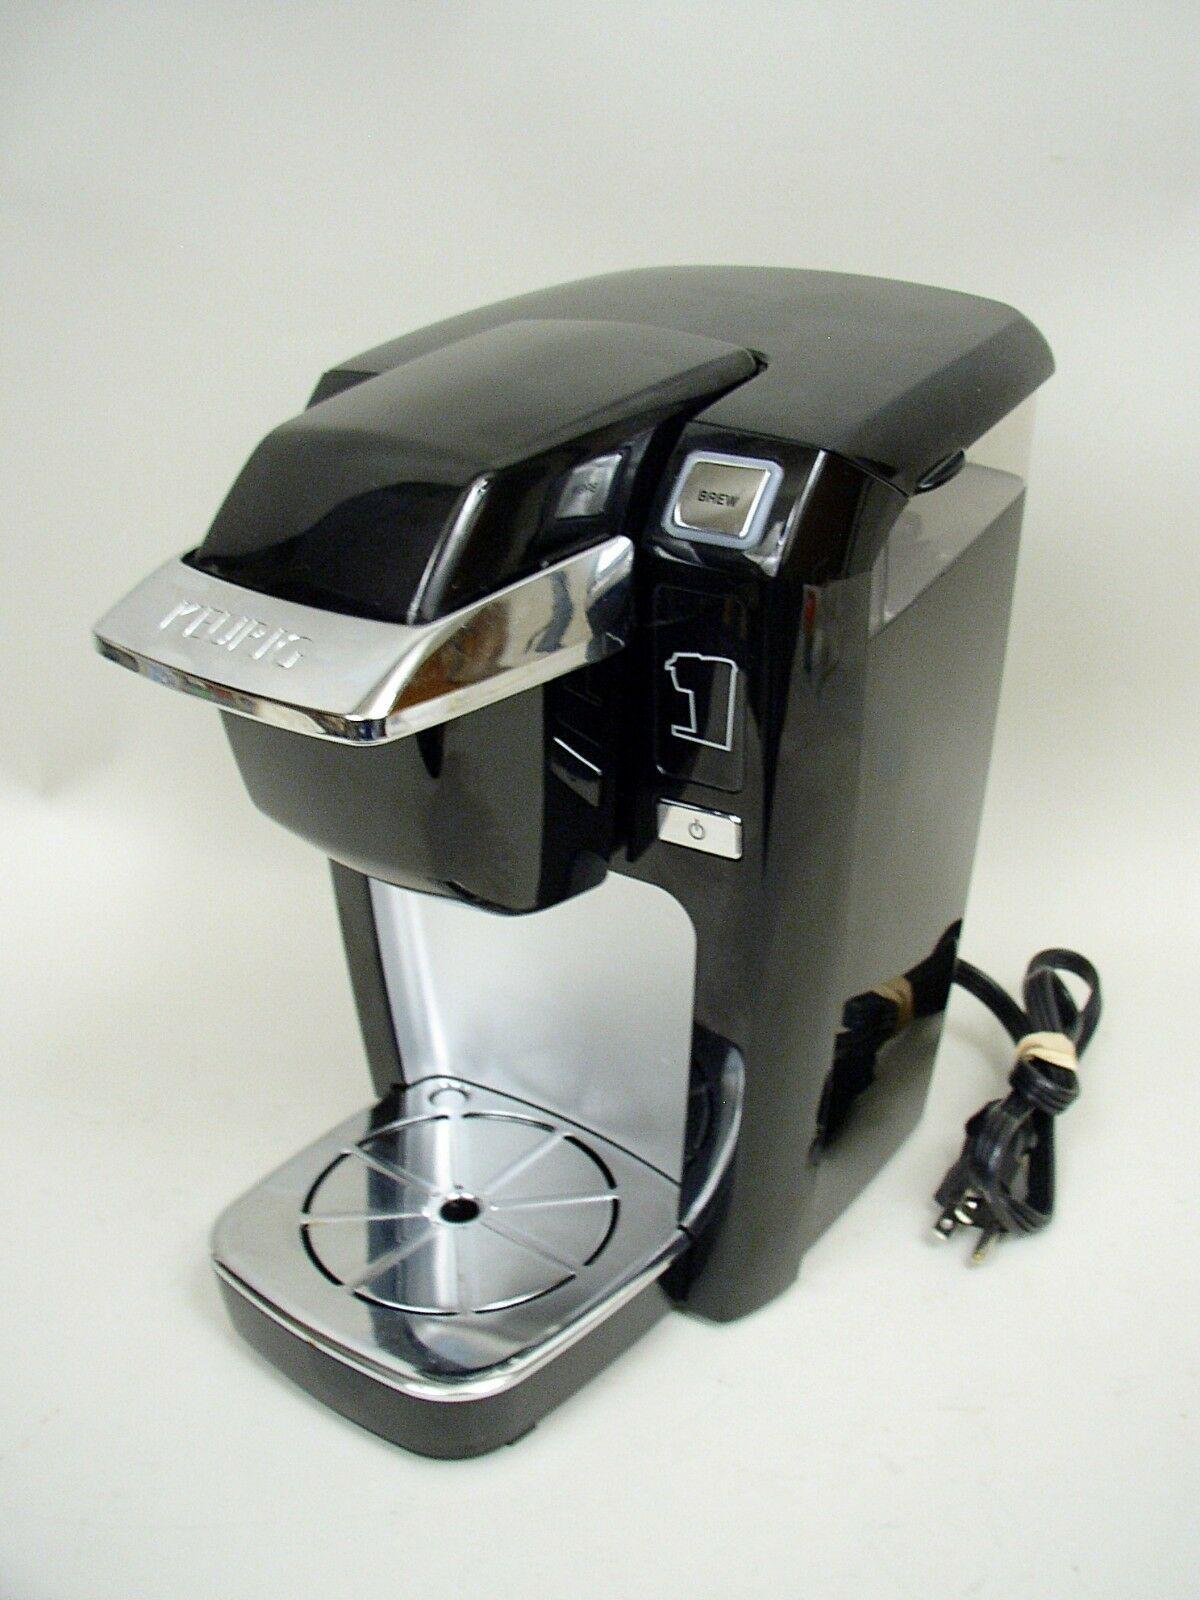 Keurig Mini Plus Coffee Maker B31 Ideas of Keurig